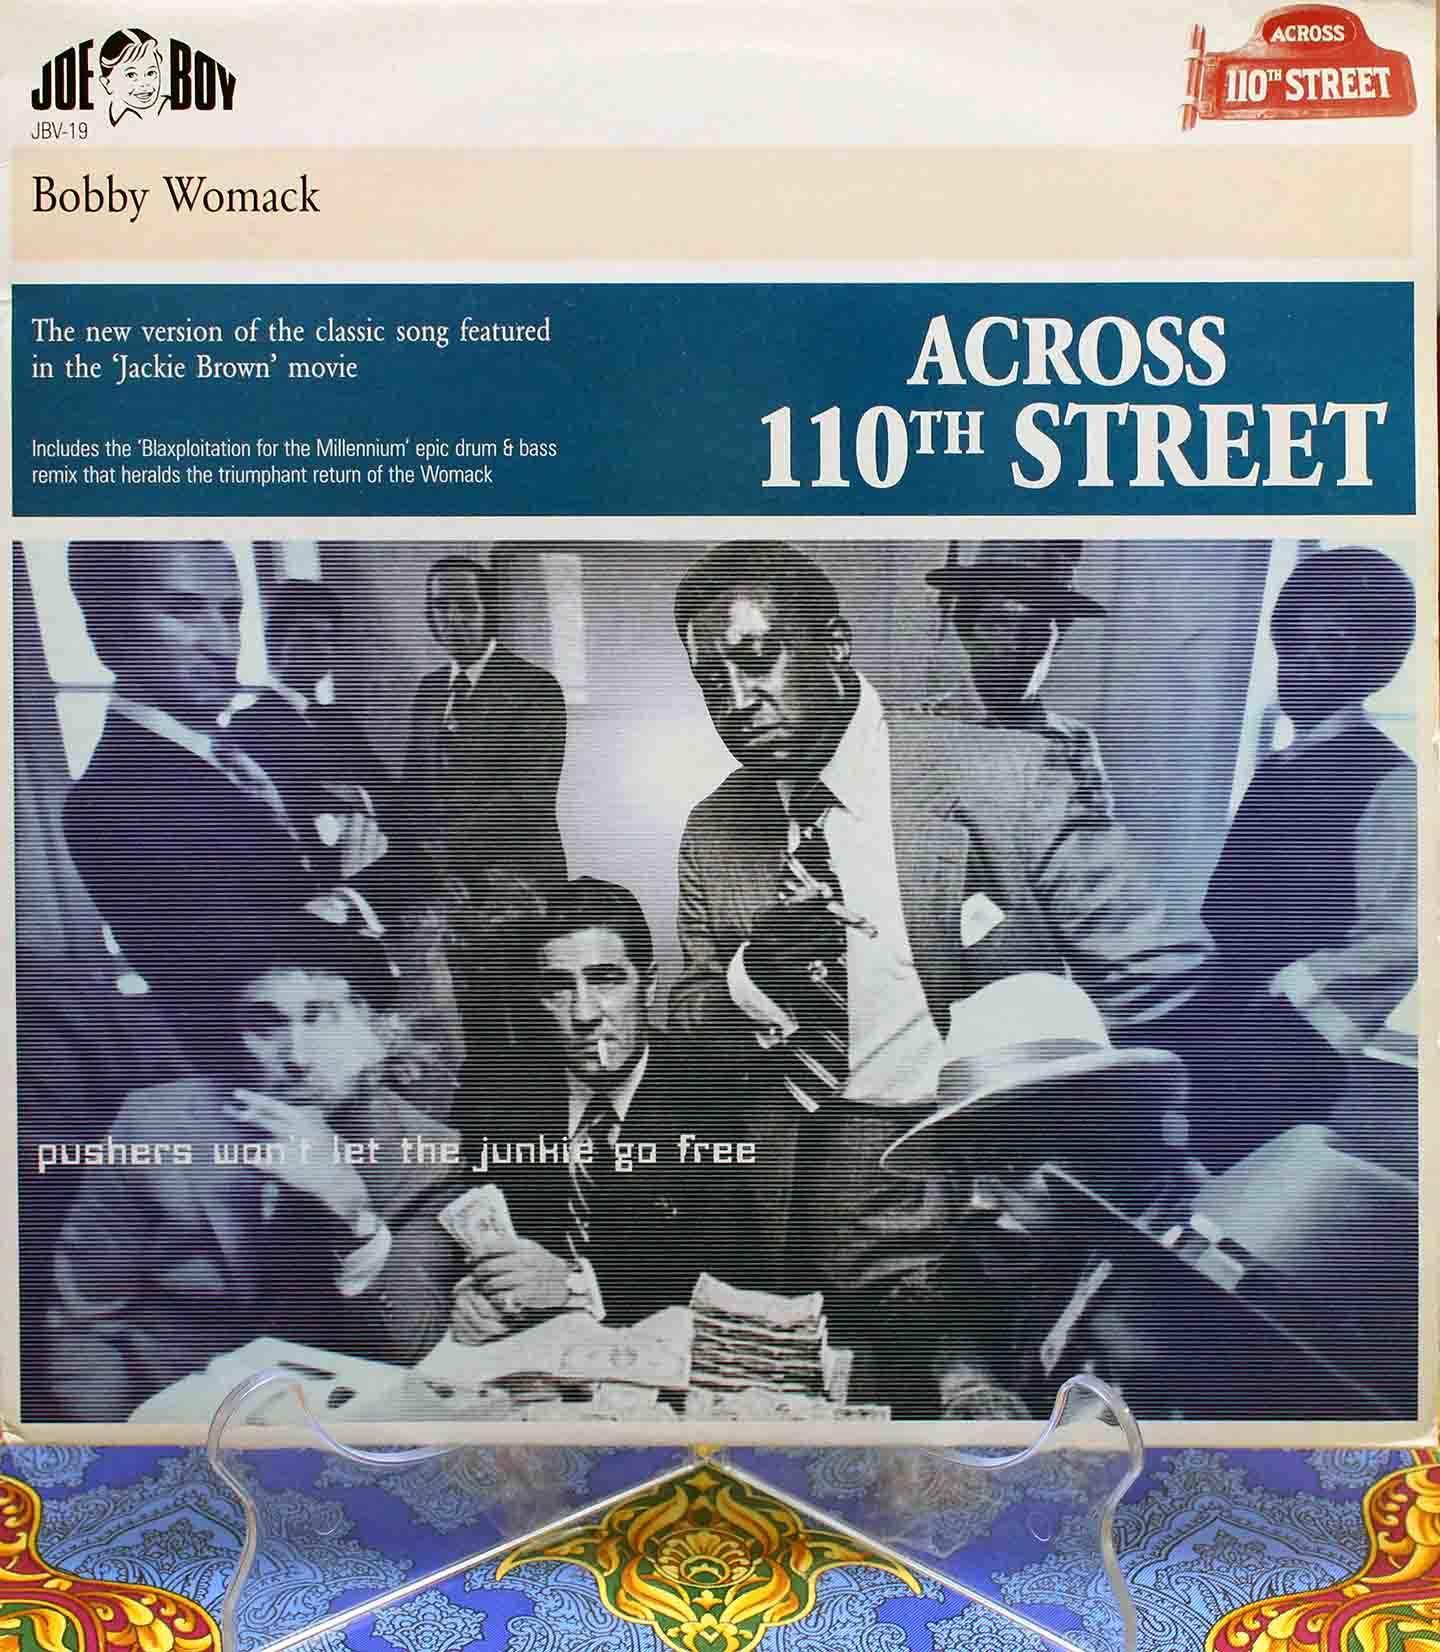 Bobby Womack - Across 110th Street 01